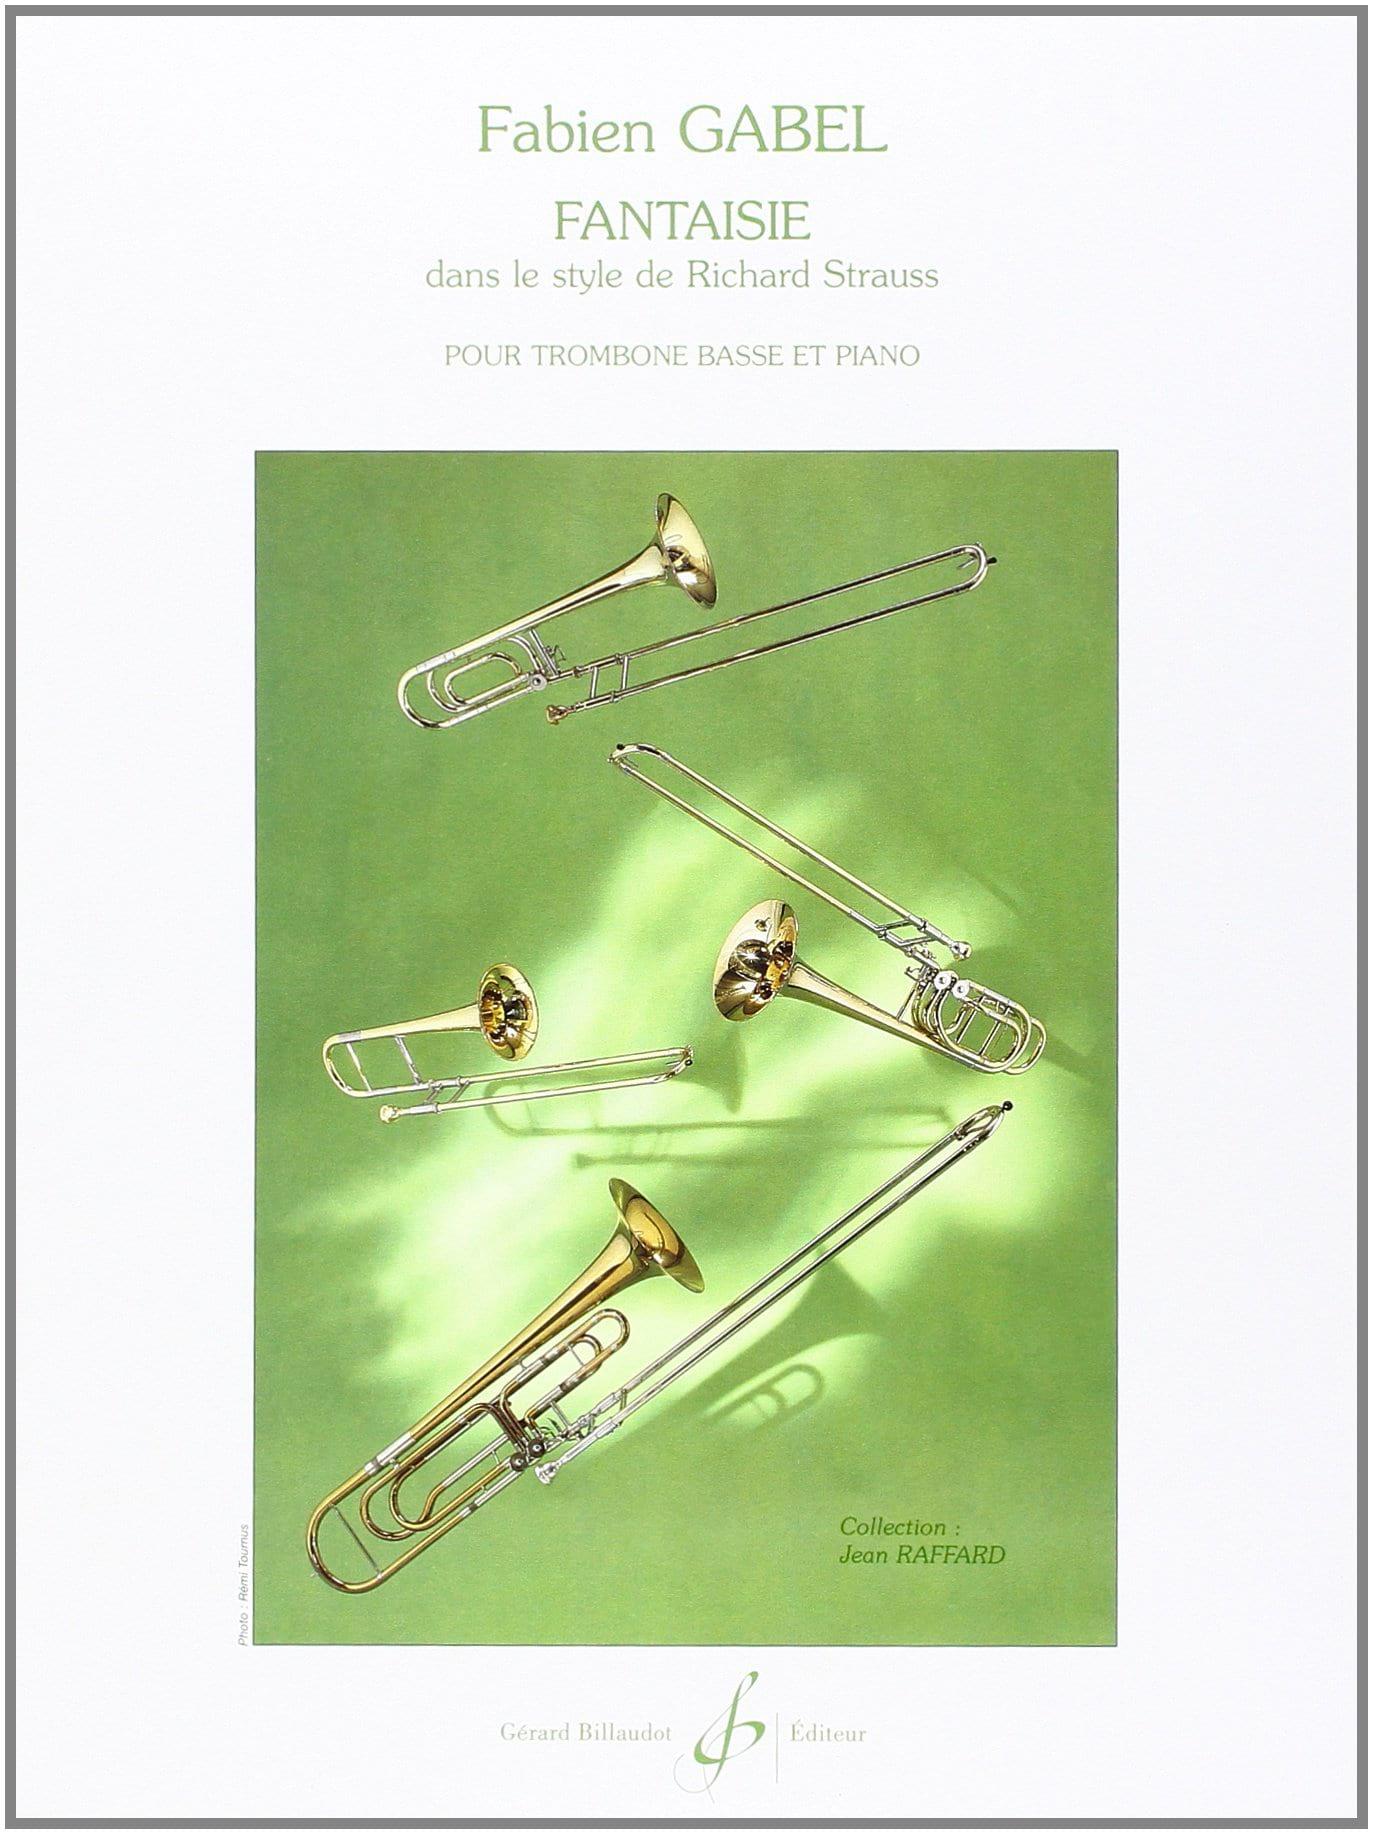 Fantaisie - Fabien Gabel - Partition - Trombone - laflutedepan.com